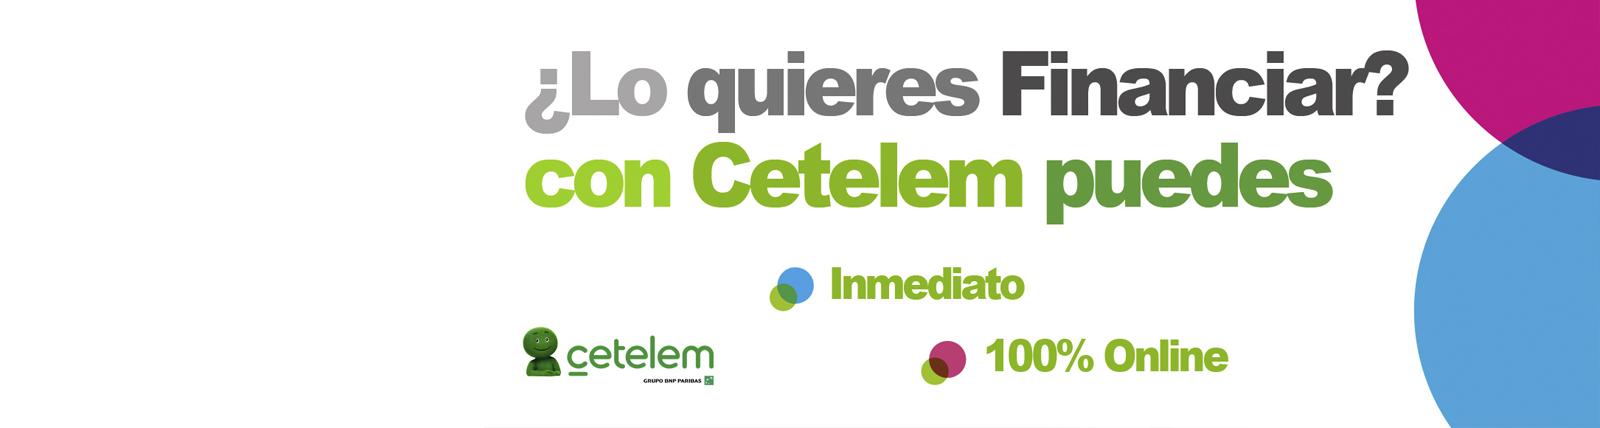 Banner Financiación Cetelem